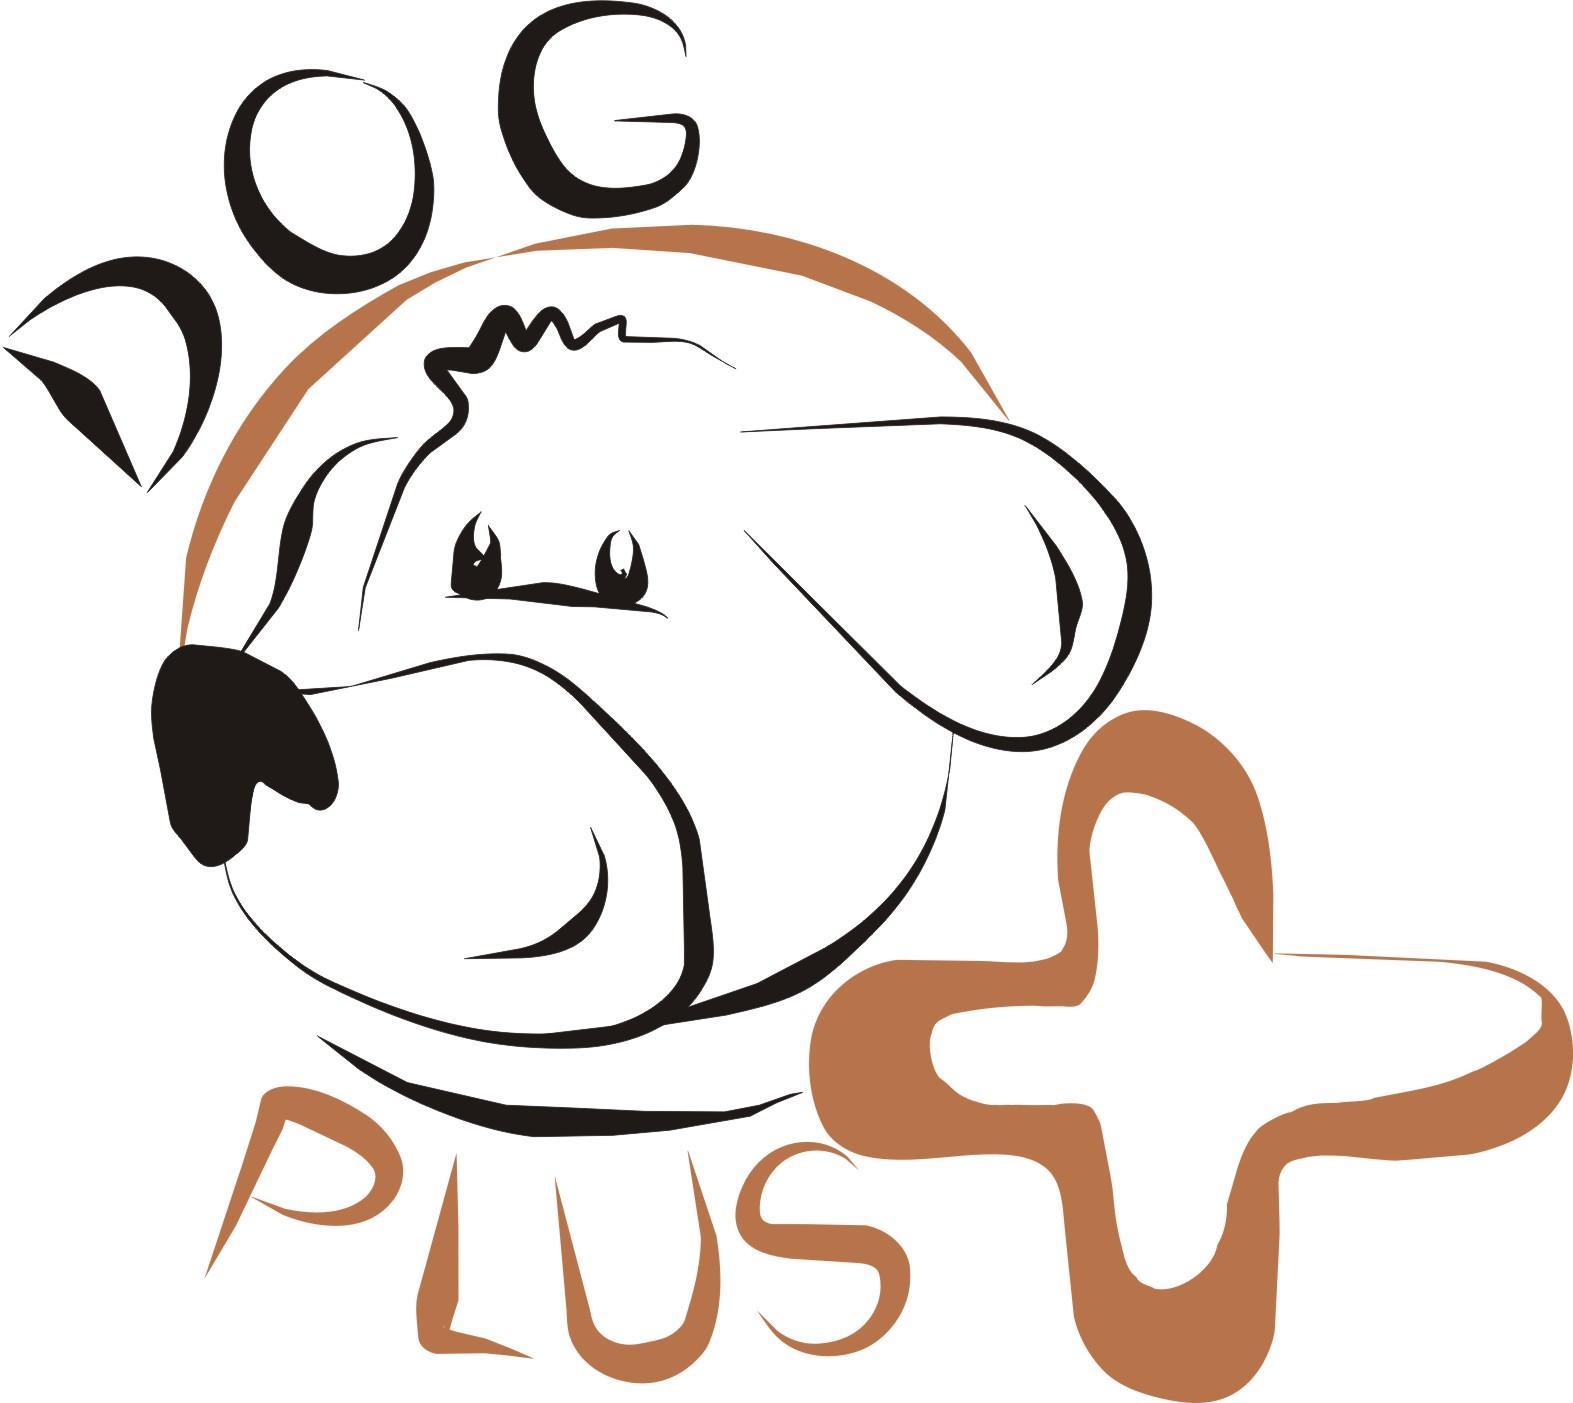 logo dogplus